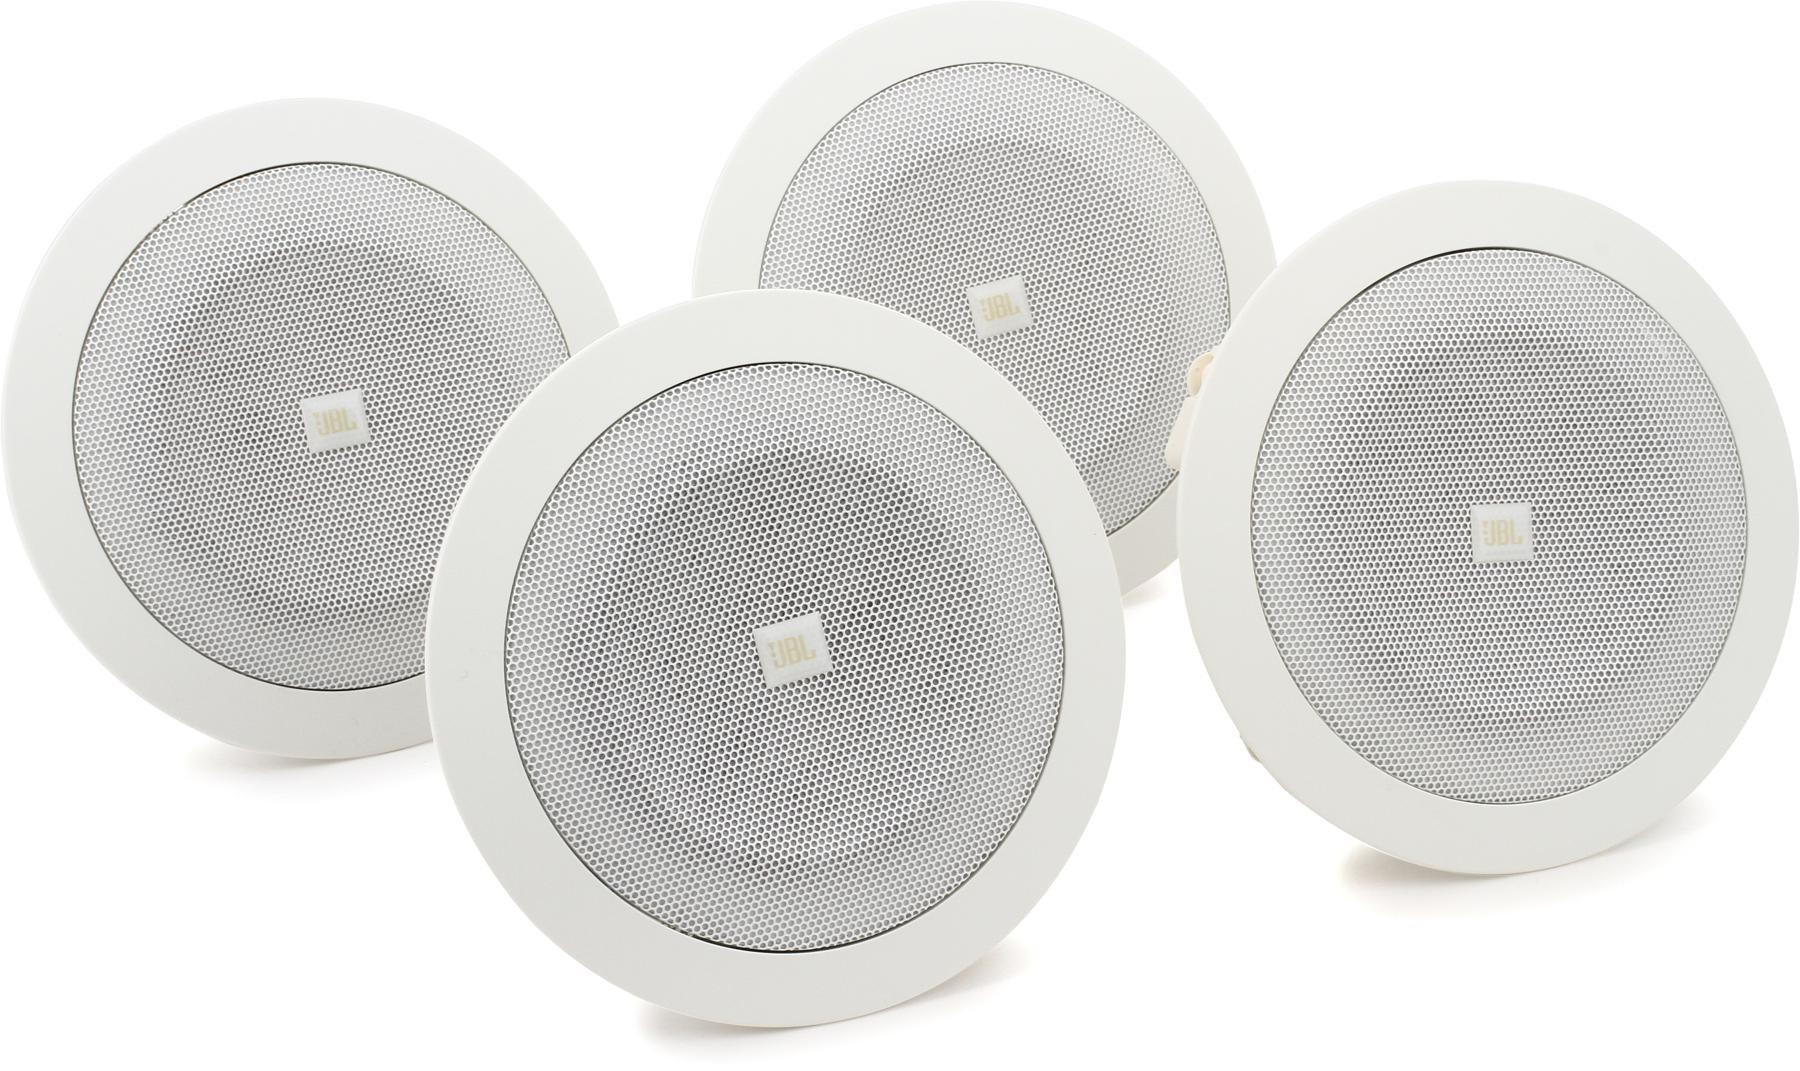 Jbl 8124 4 Inch Full Range Ceiling Speaker Sweetwater